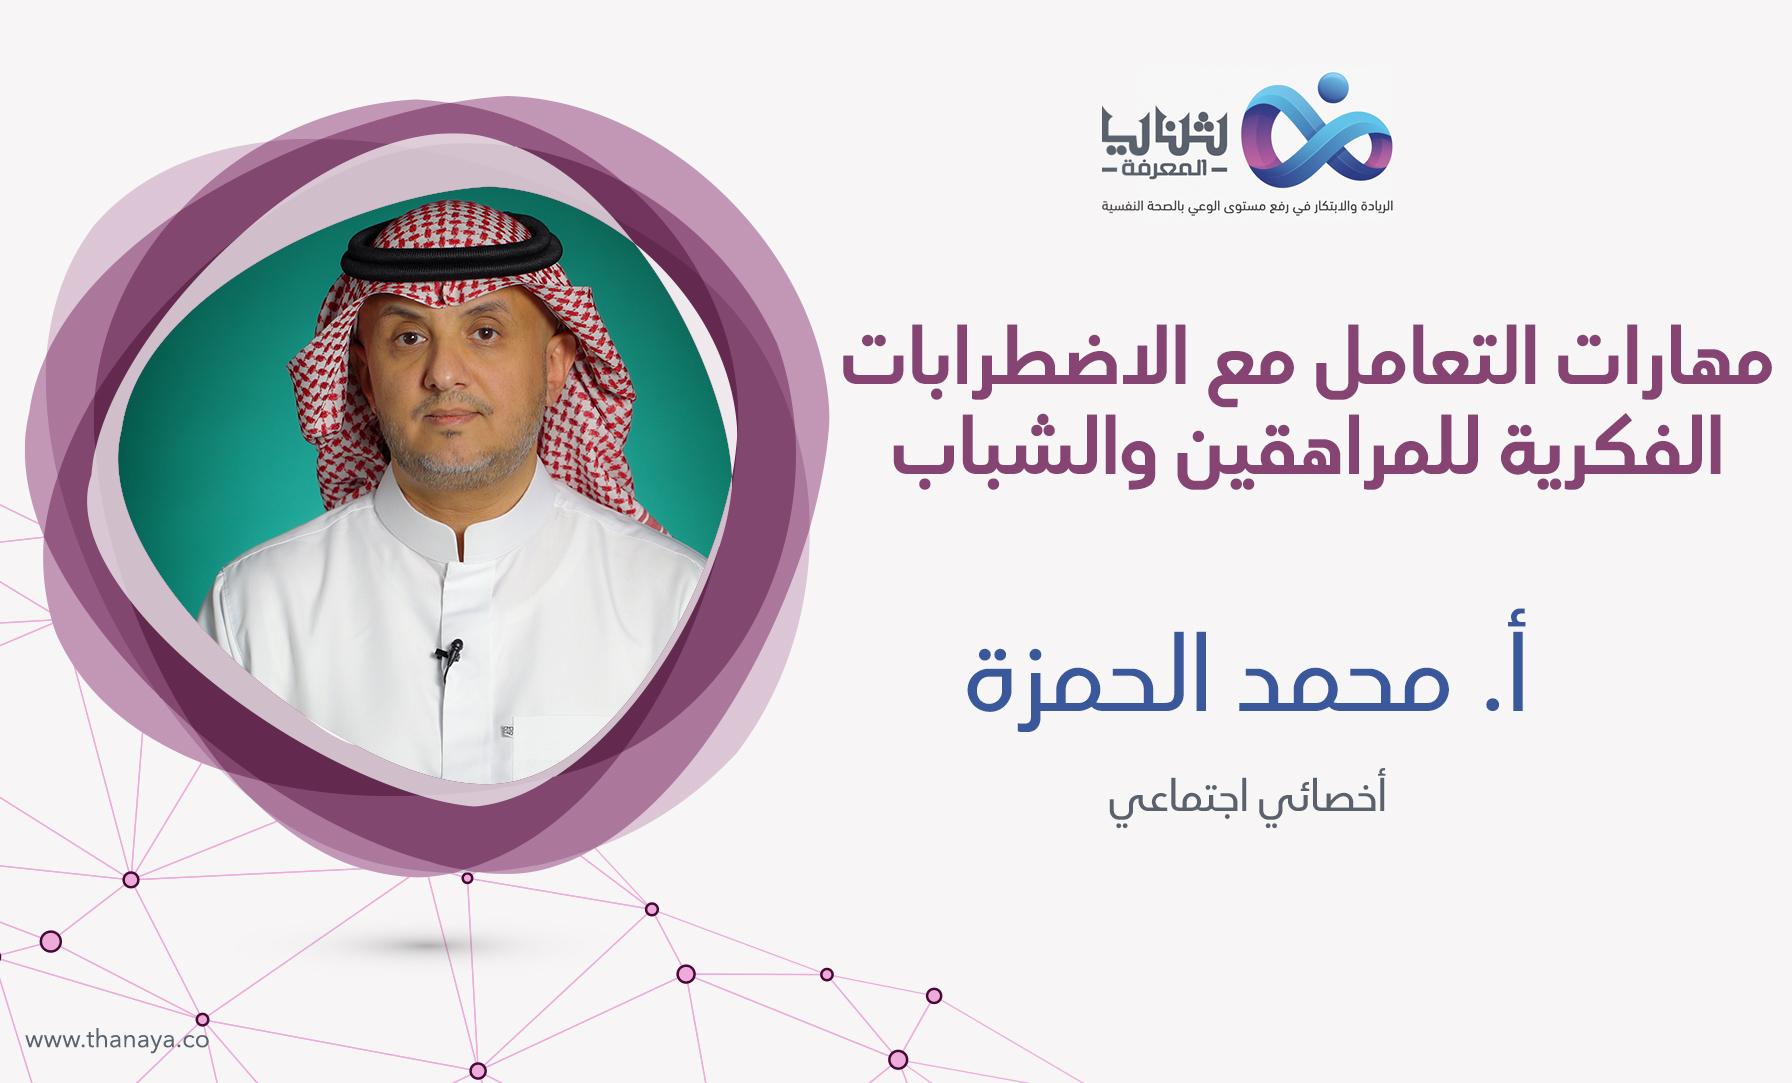 محمد الحمزة - مهارات التعامل مع الاضطرابات الفكرية للمراهقين والشباب